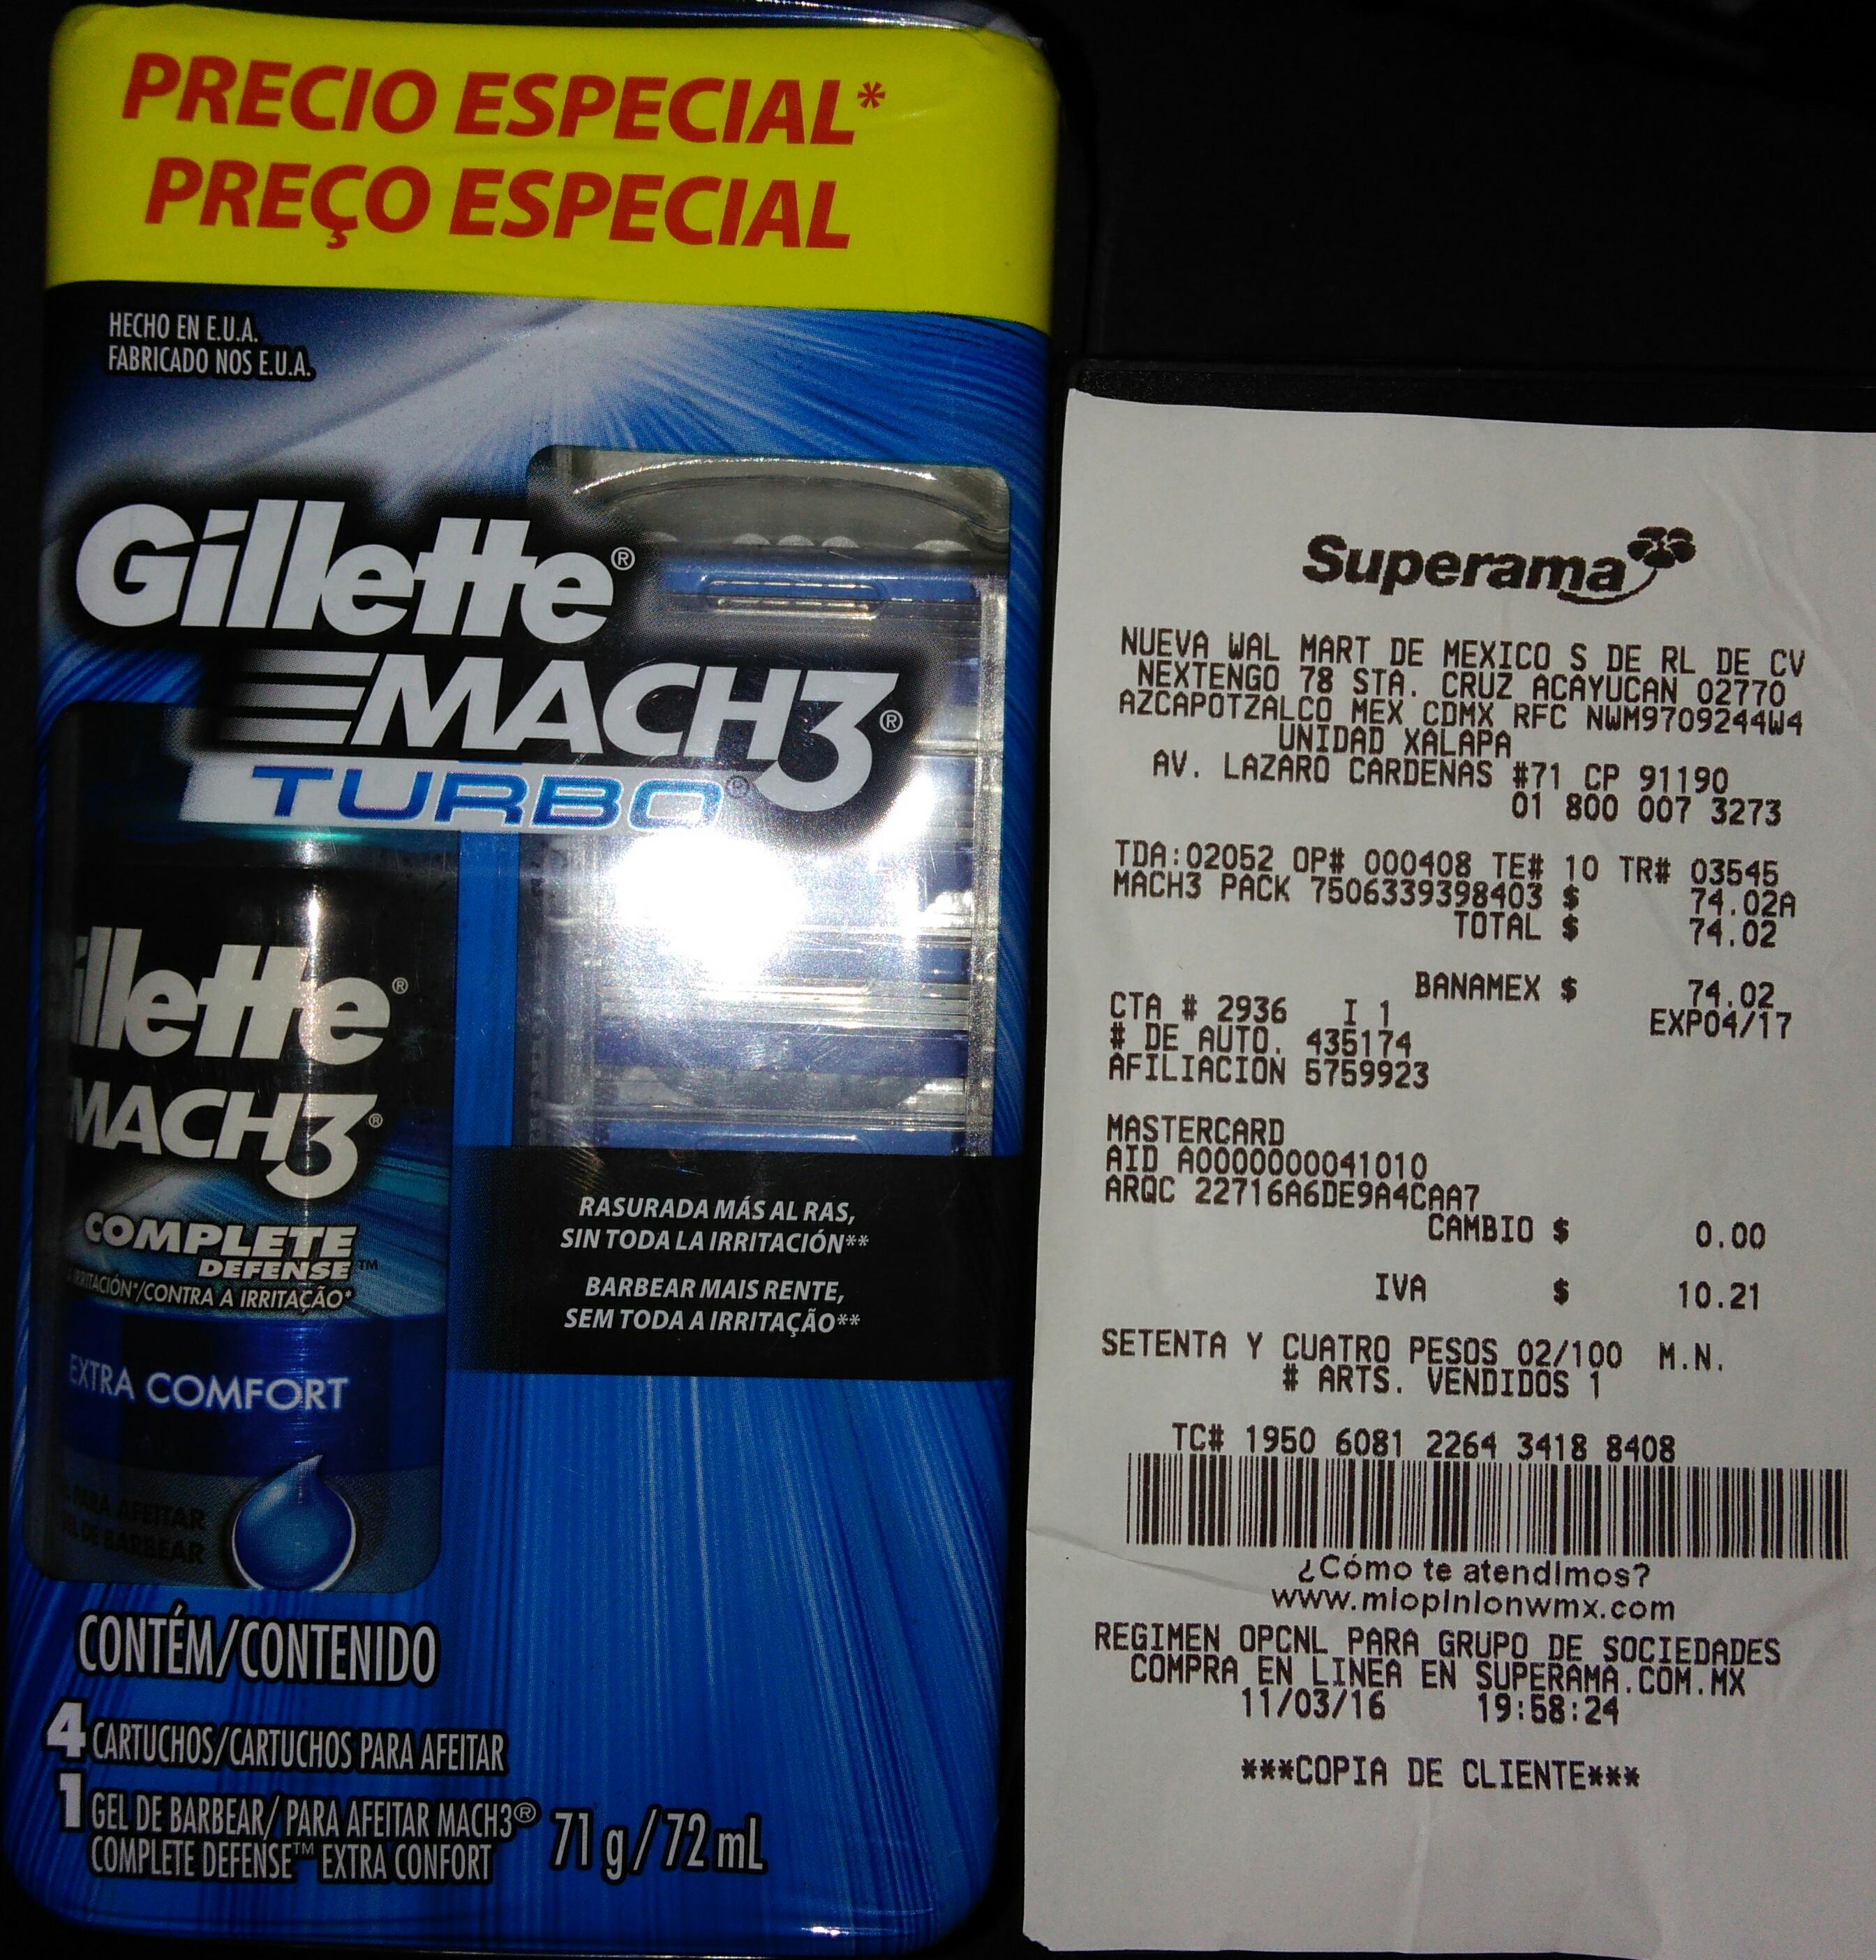 Superama Xalapa Pack de 4 cartuchos Gillette Mach3 + Gel para afeitar en segunda liquidación